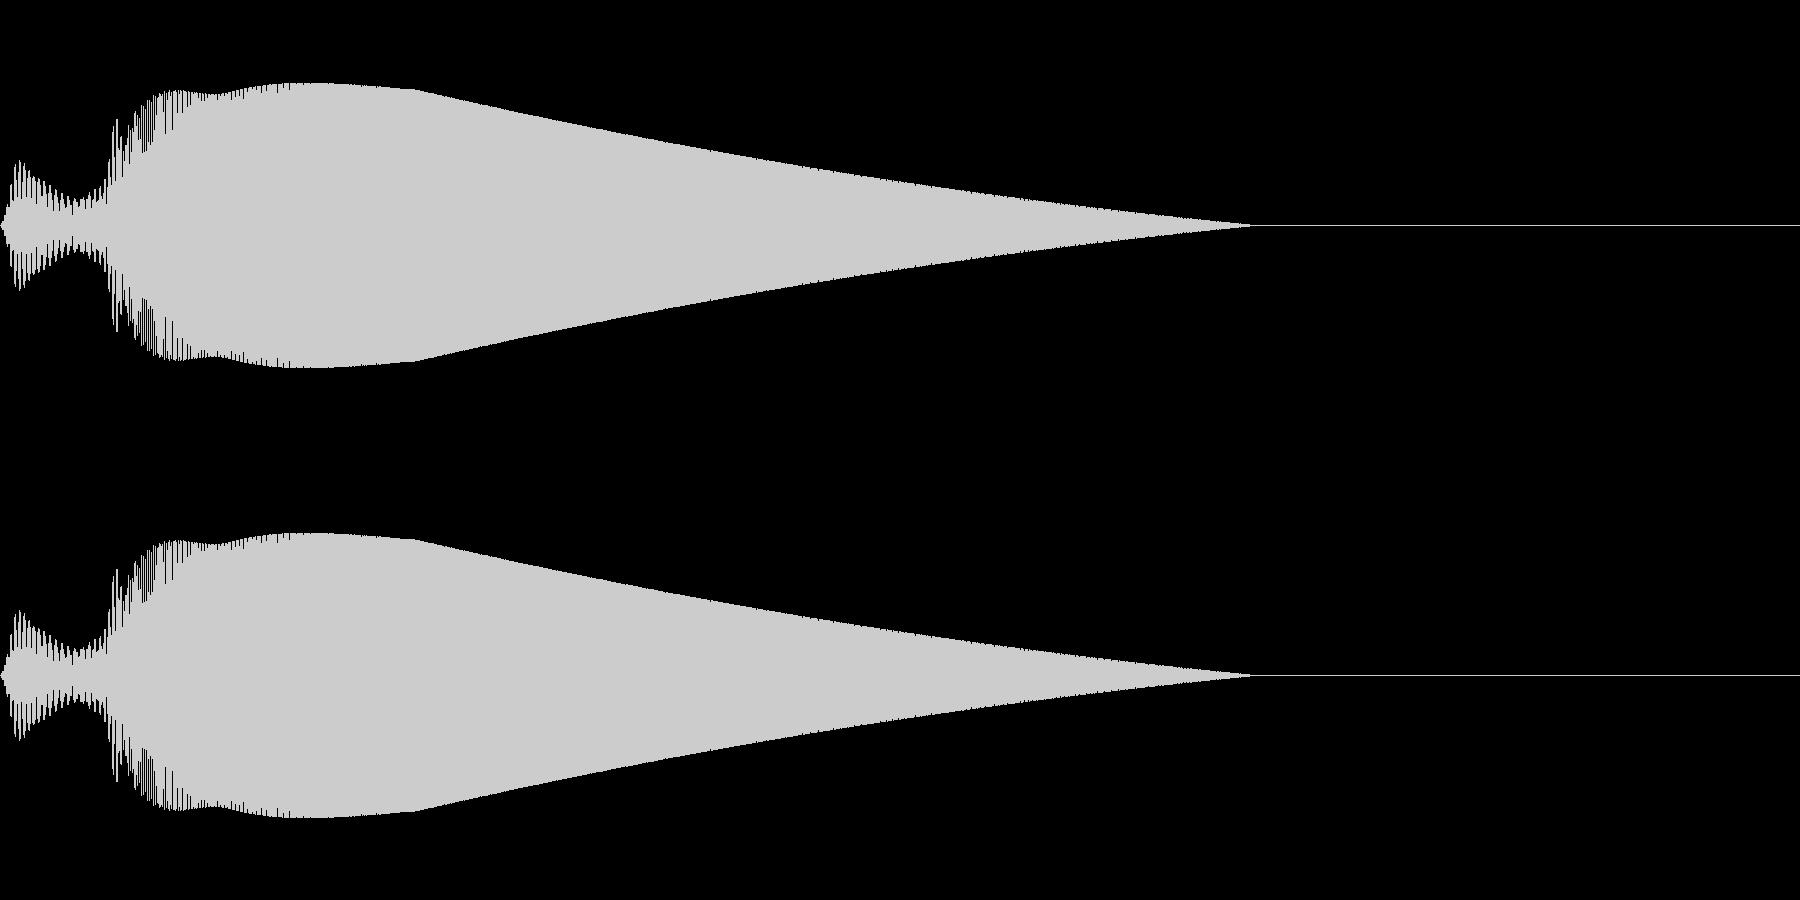 【ピヨーン】ファミコン系ジャンプ音_02の未再生の波形